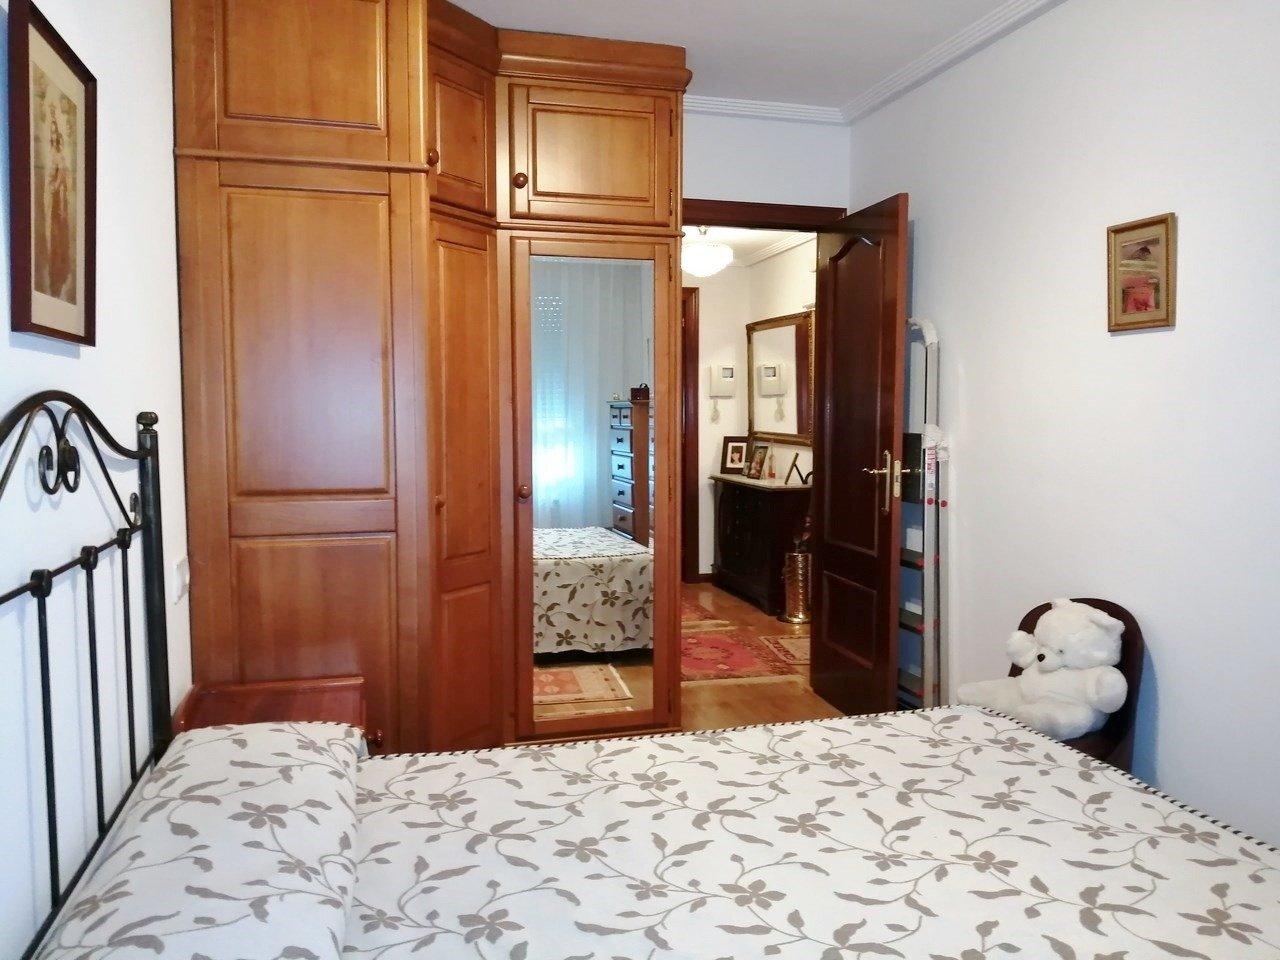 Apartamento seminuevo en la calzada - imagenInmueble19